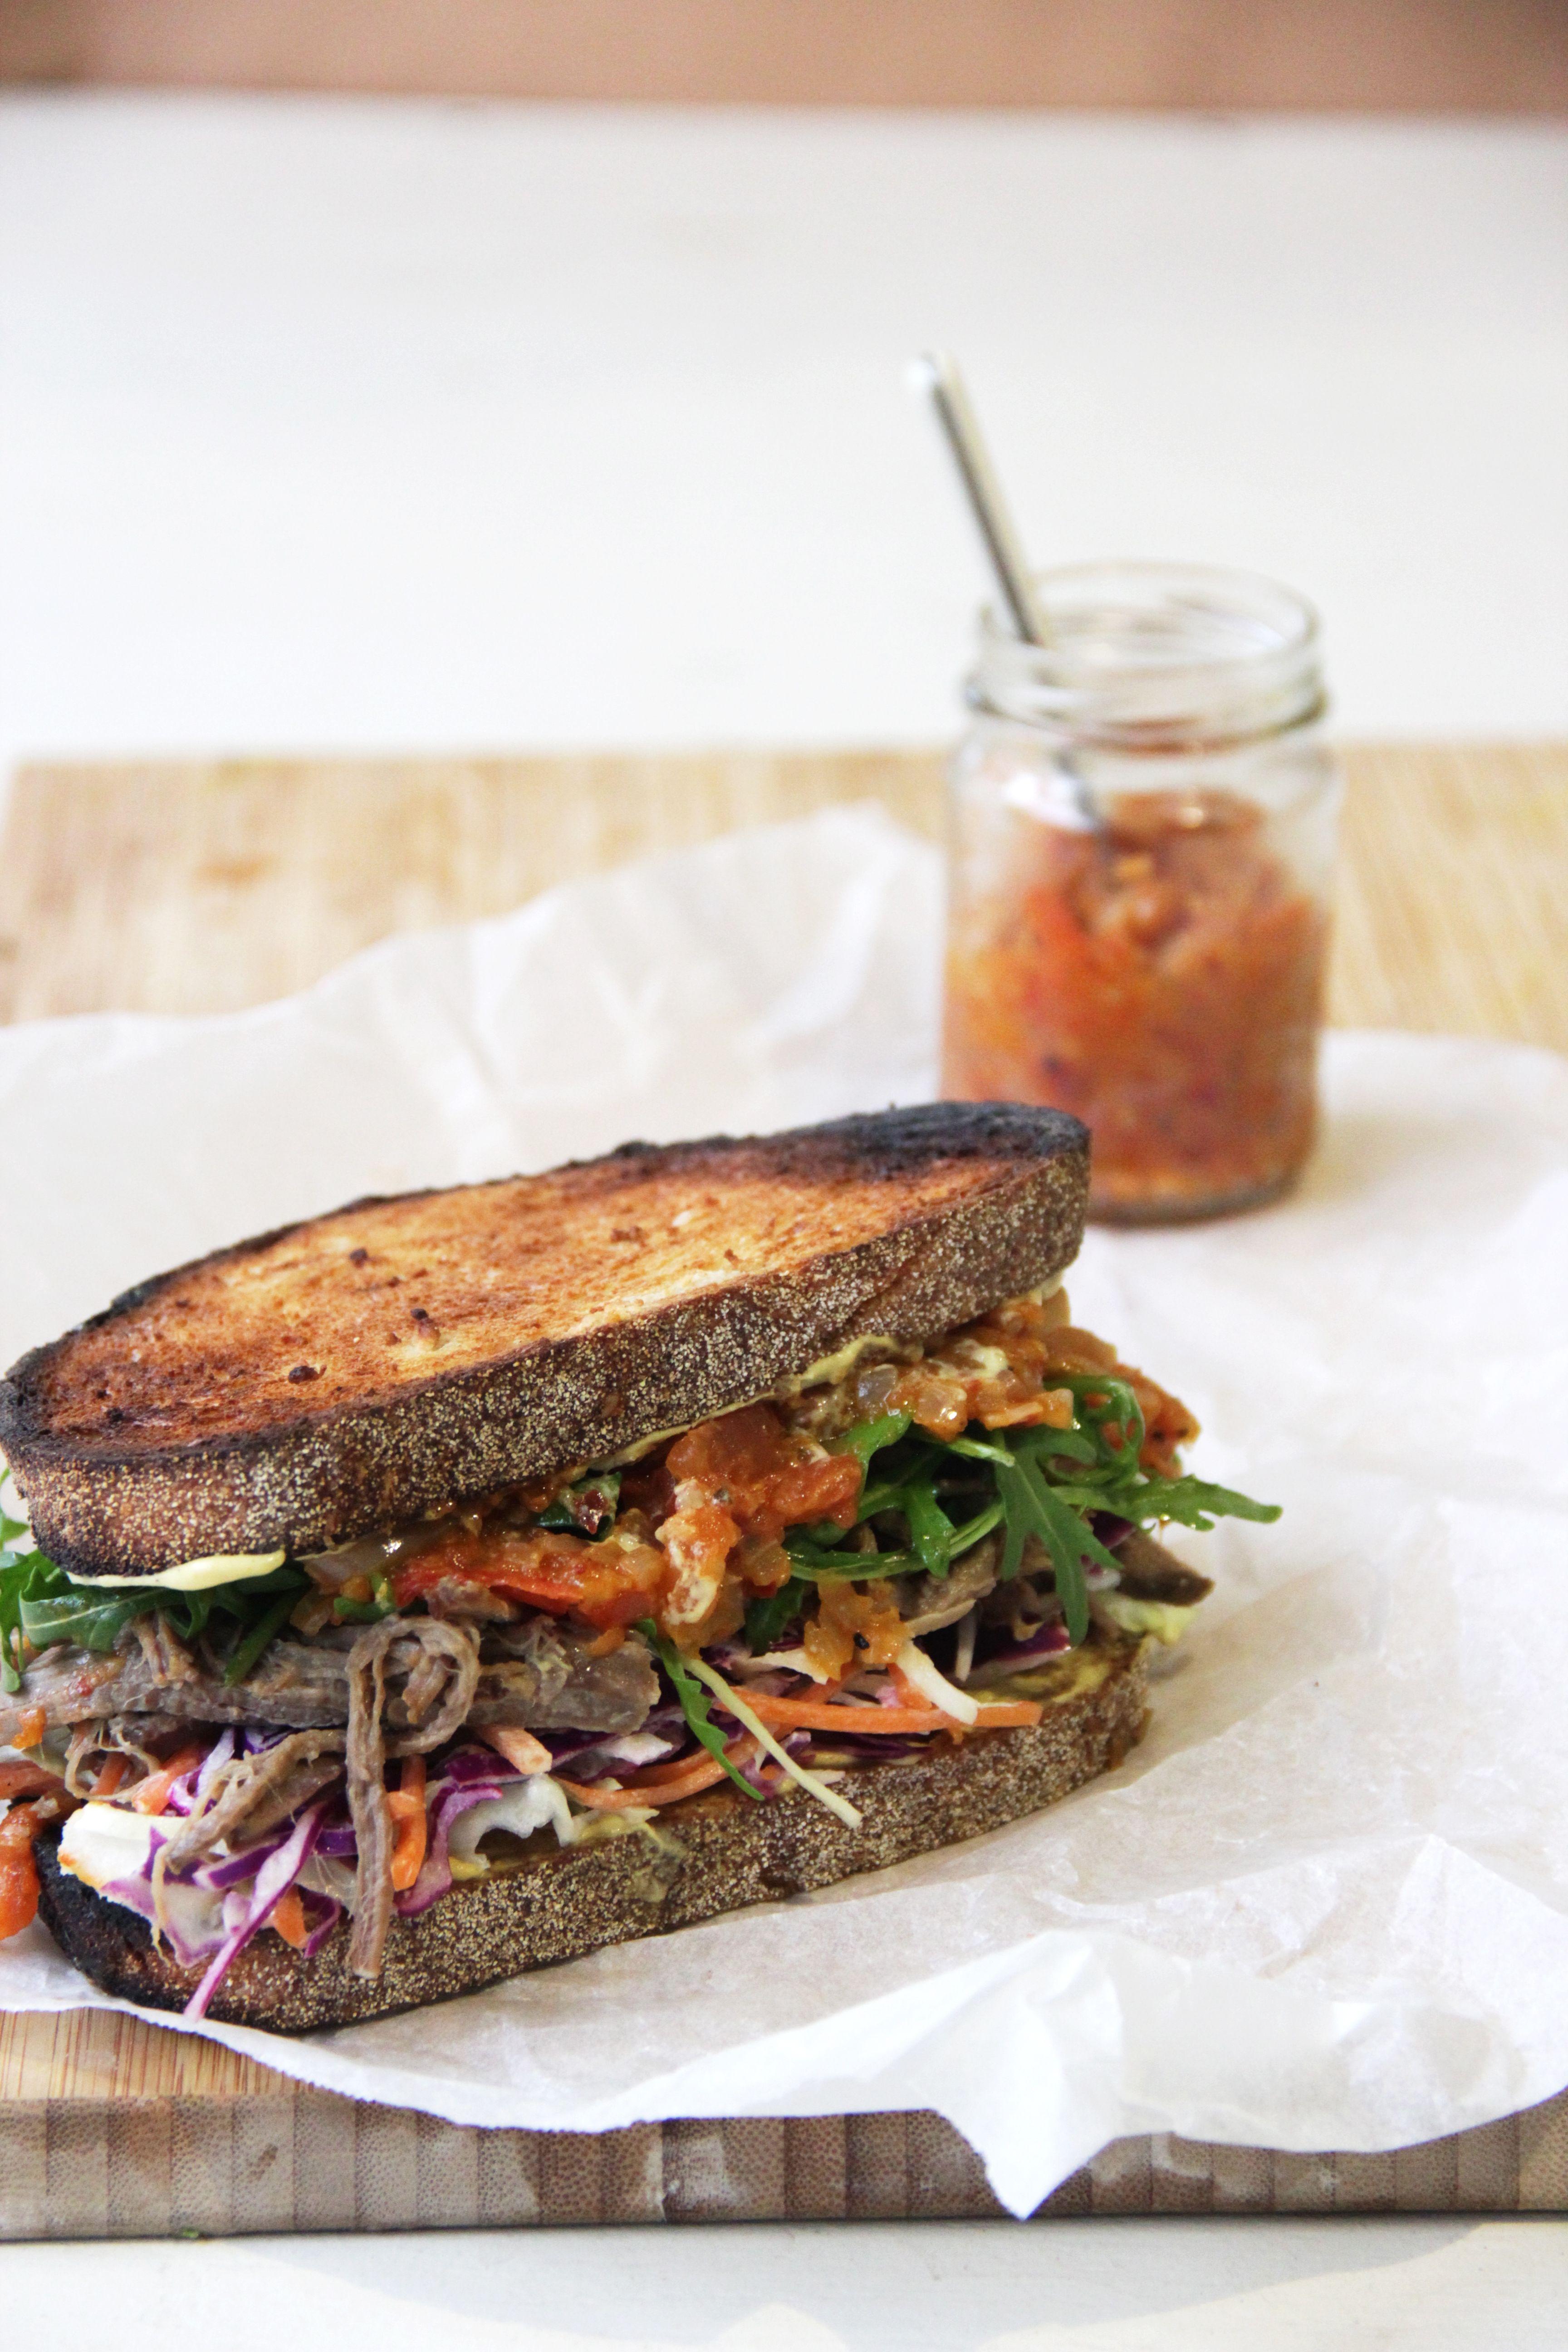 The Ultimate Beef Sandwich | Beef sandwich recipes. Beef sandwich. Recipes